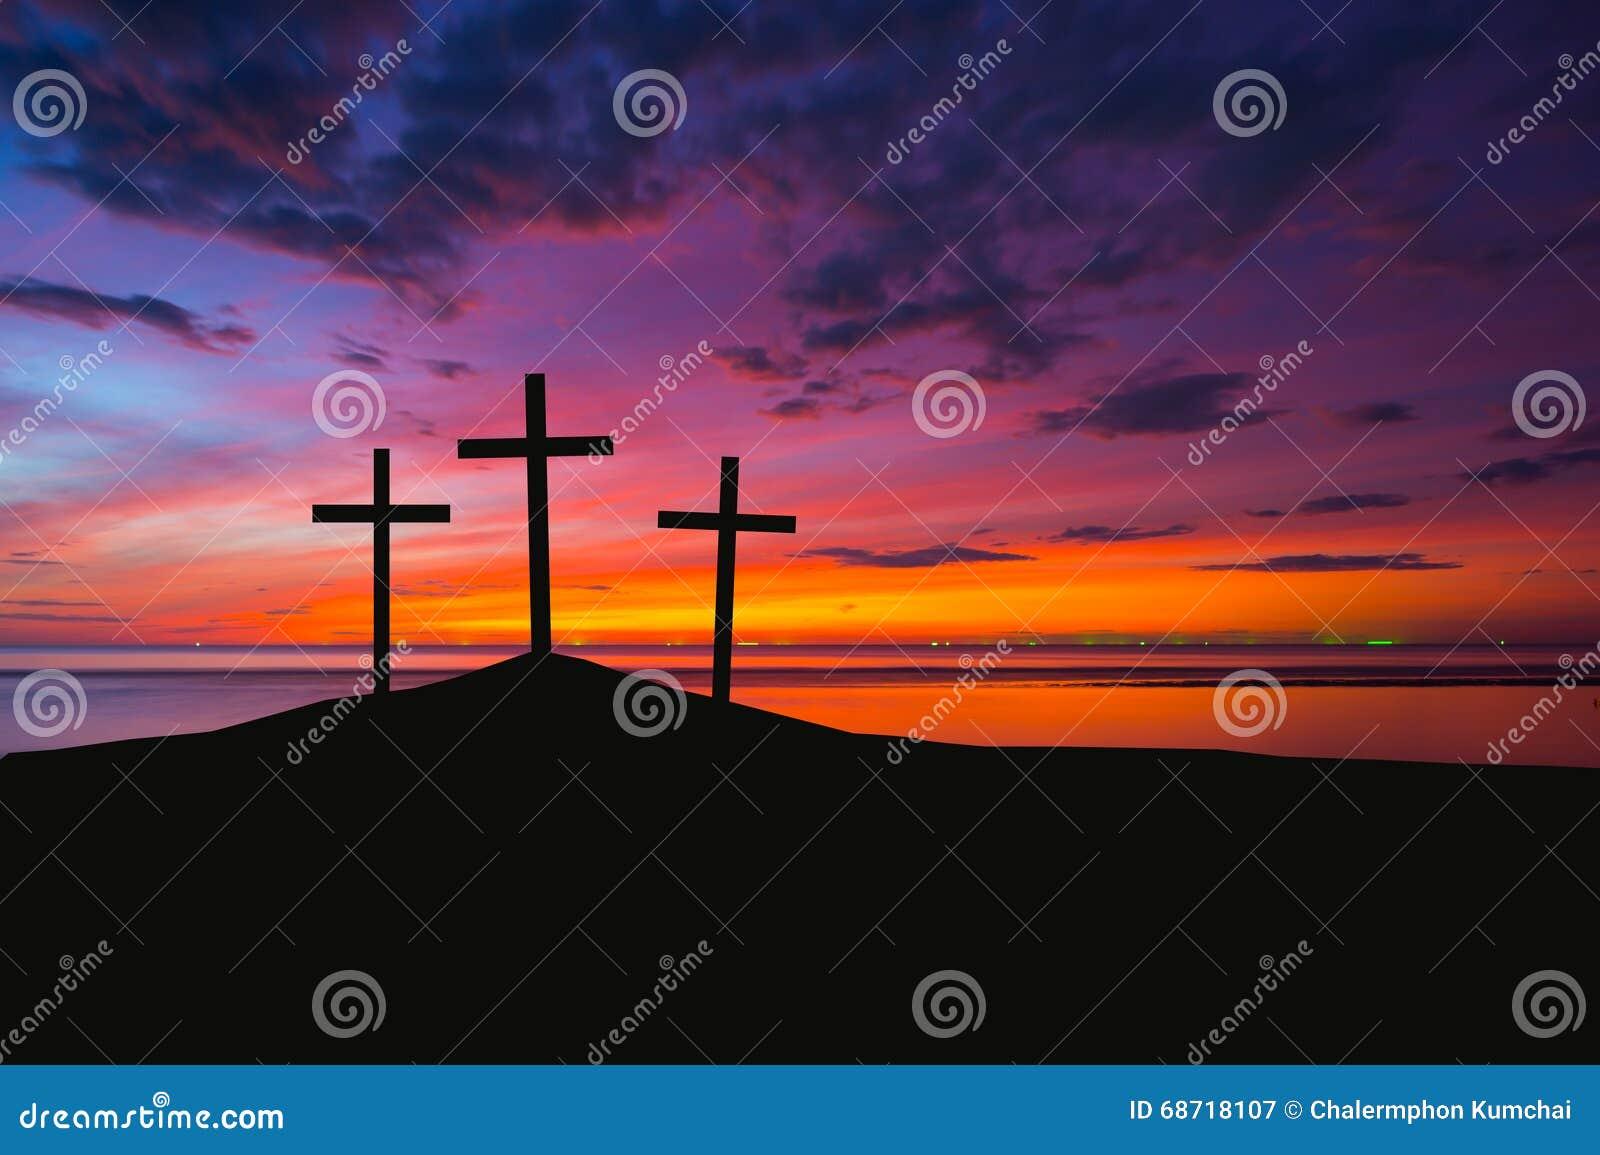 Drie kruisen op een heuvel